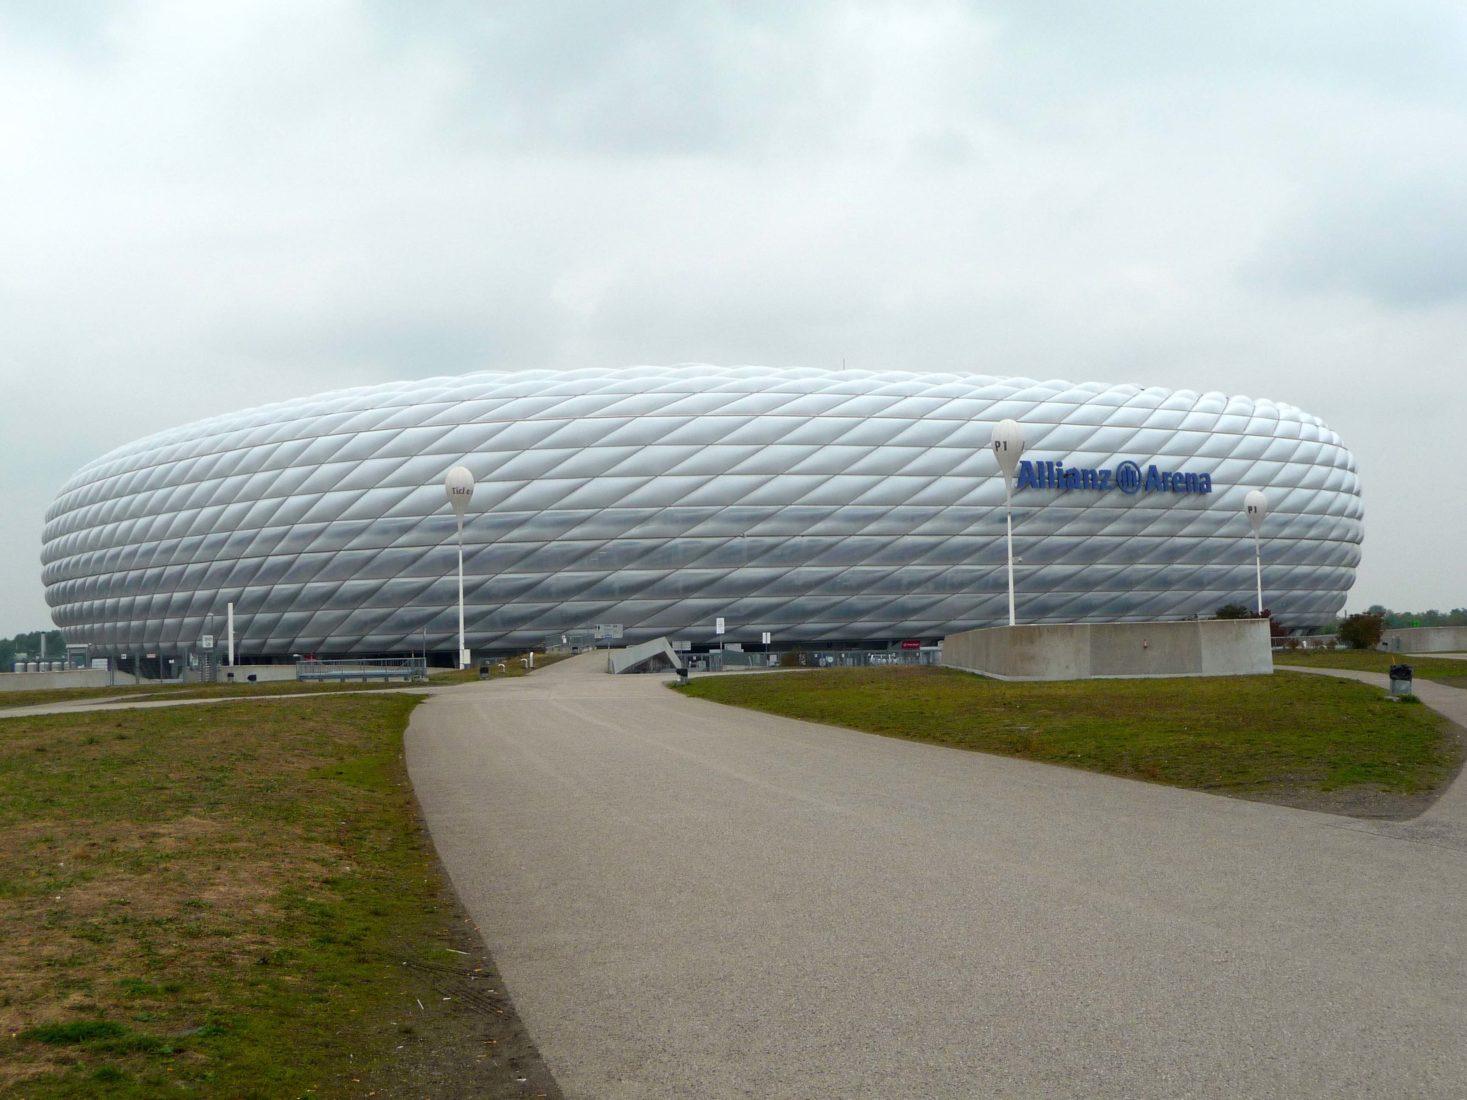 Gar nicht so angestaubt: Auch die Münchner Allianz Arena entstand auf einem Erbbaurechtsgrundstück. Foto: Grimm